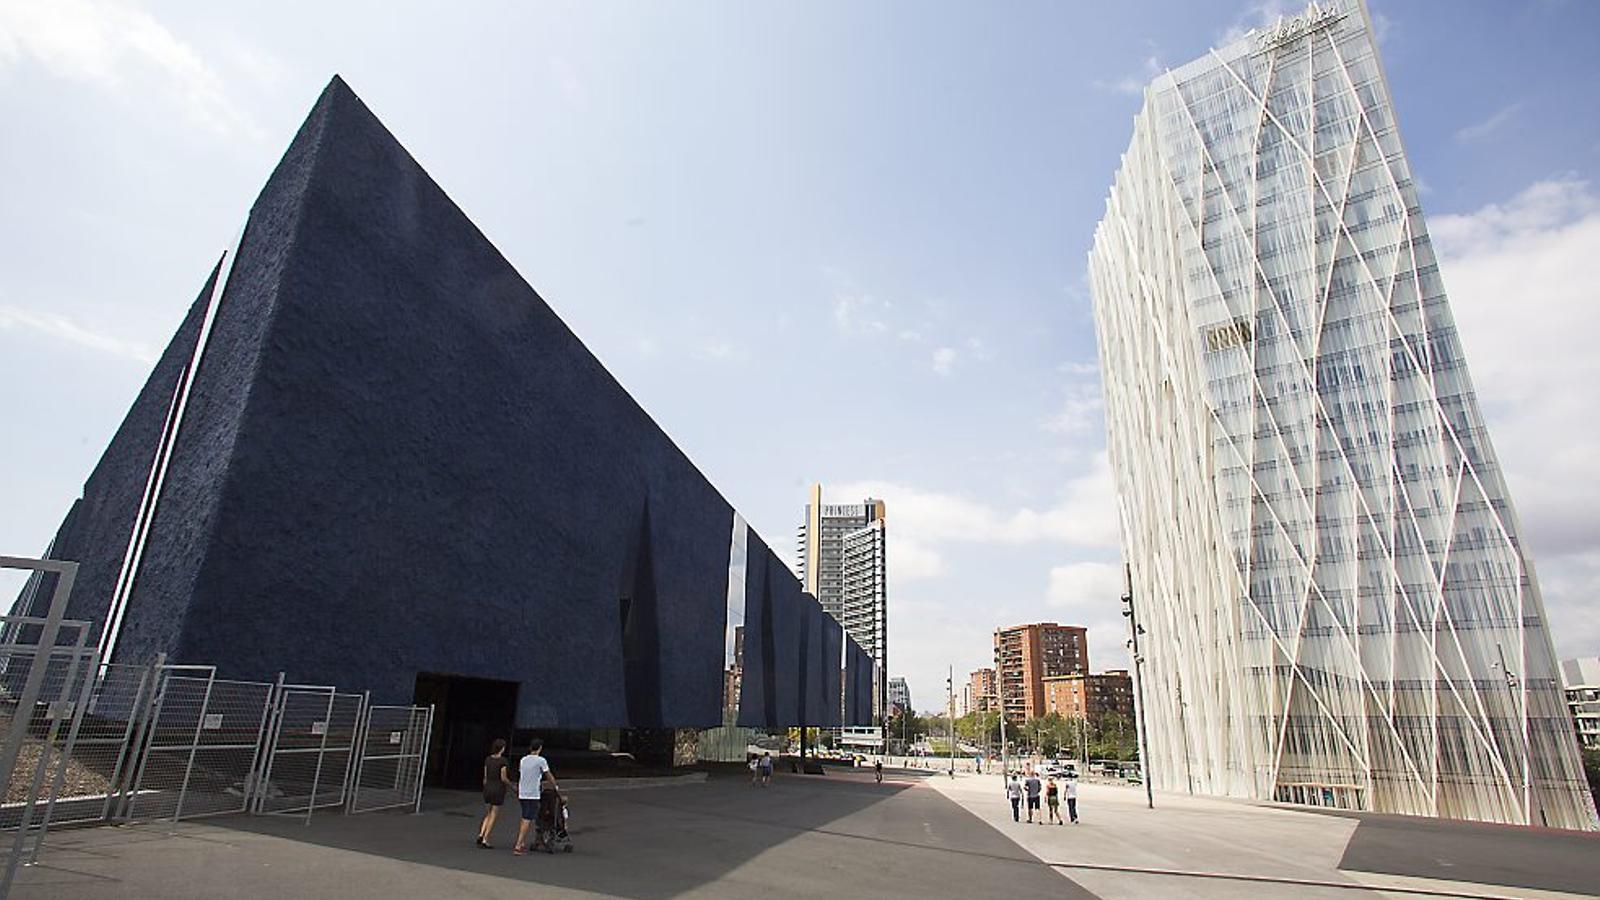 Telefónica ven la seu de Barcelona per 150 milions d'euros